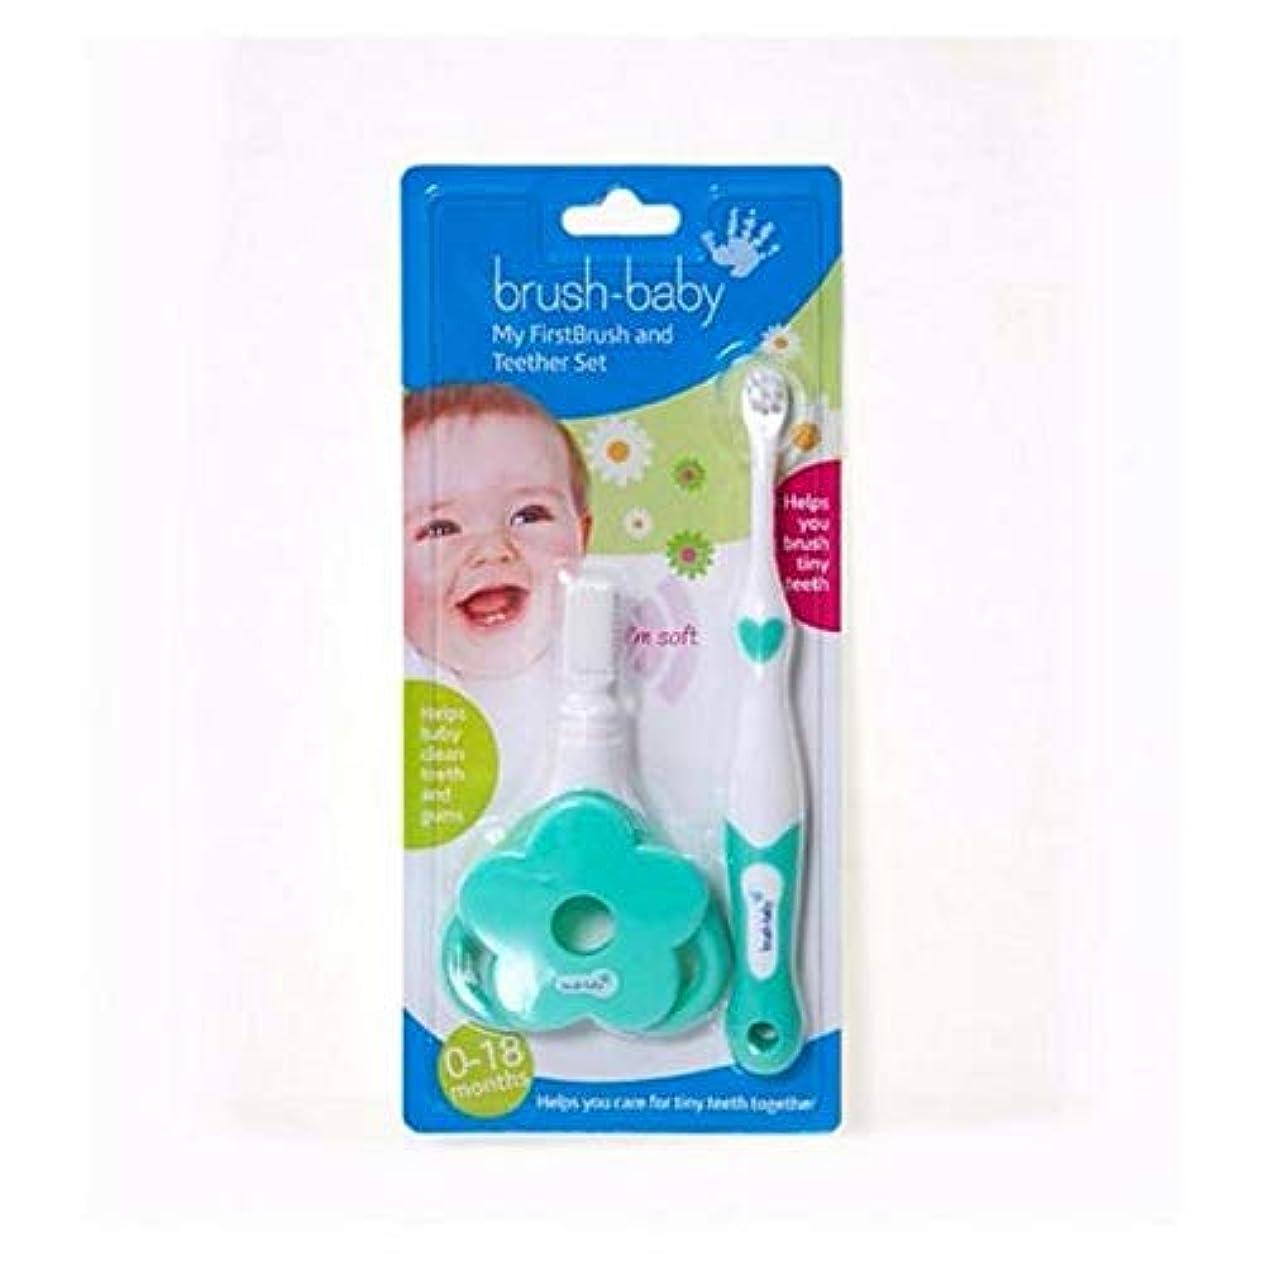 捕虜からかうシフト[Brush-Baby ] ブラシ赤ちゃんが私のFirstbrush&おしゃぶりはパックごとに2を設定します - Brush-Baby My FirstBrush & Teether Set 2 per pack [並行輸入品]